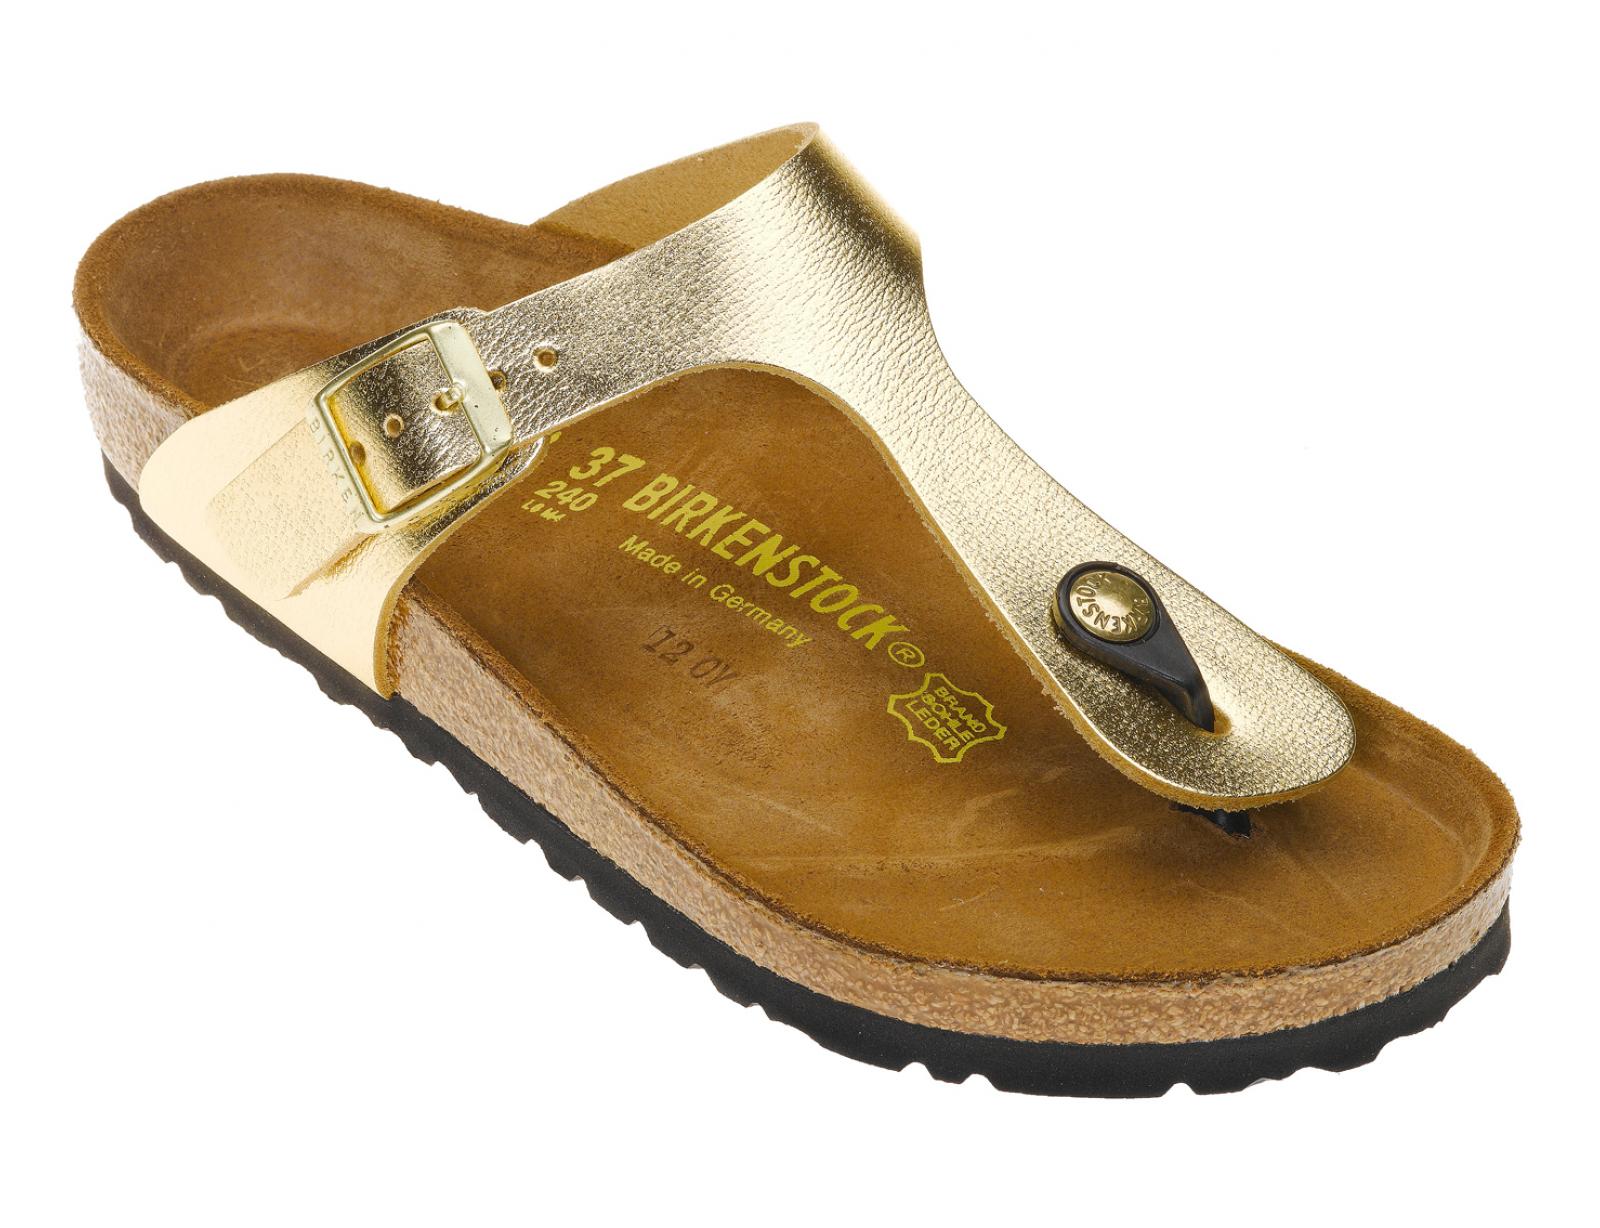 b27506c0b1d1 gizeh gold sandal